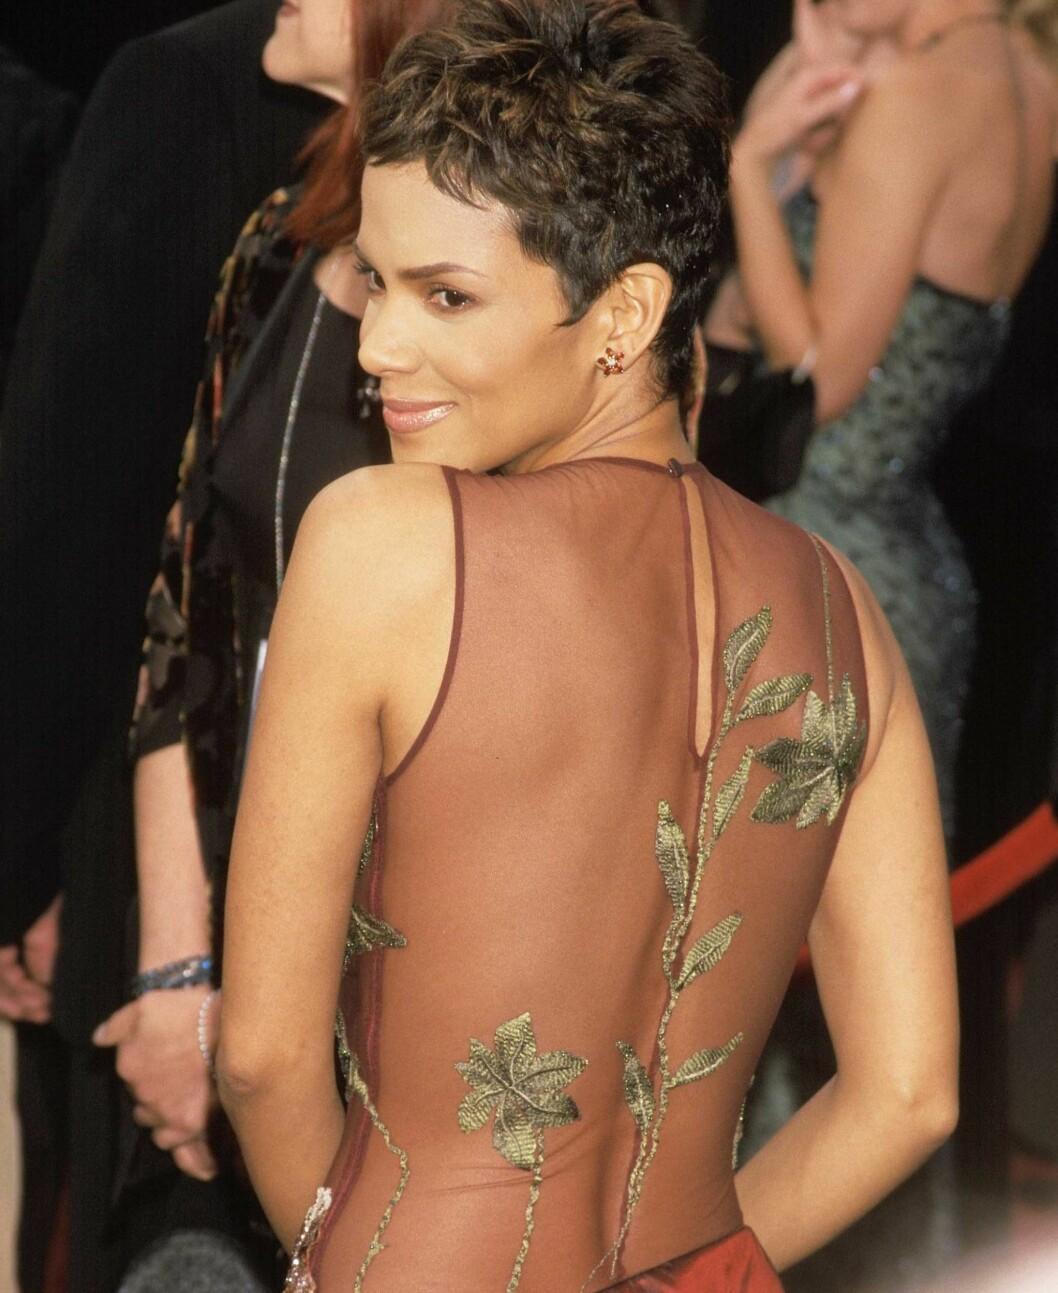 Halle Berry vant Oscar i 2002 og nå for den fresheste frisyren. Det superkorte håret kler ansiktet hennes godt og står i fin kontrast til den utfordrende kjolen. Foto: All Over Press